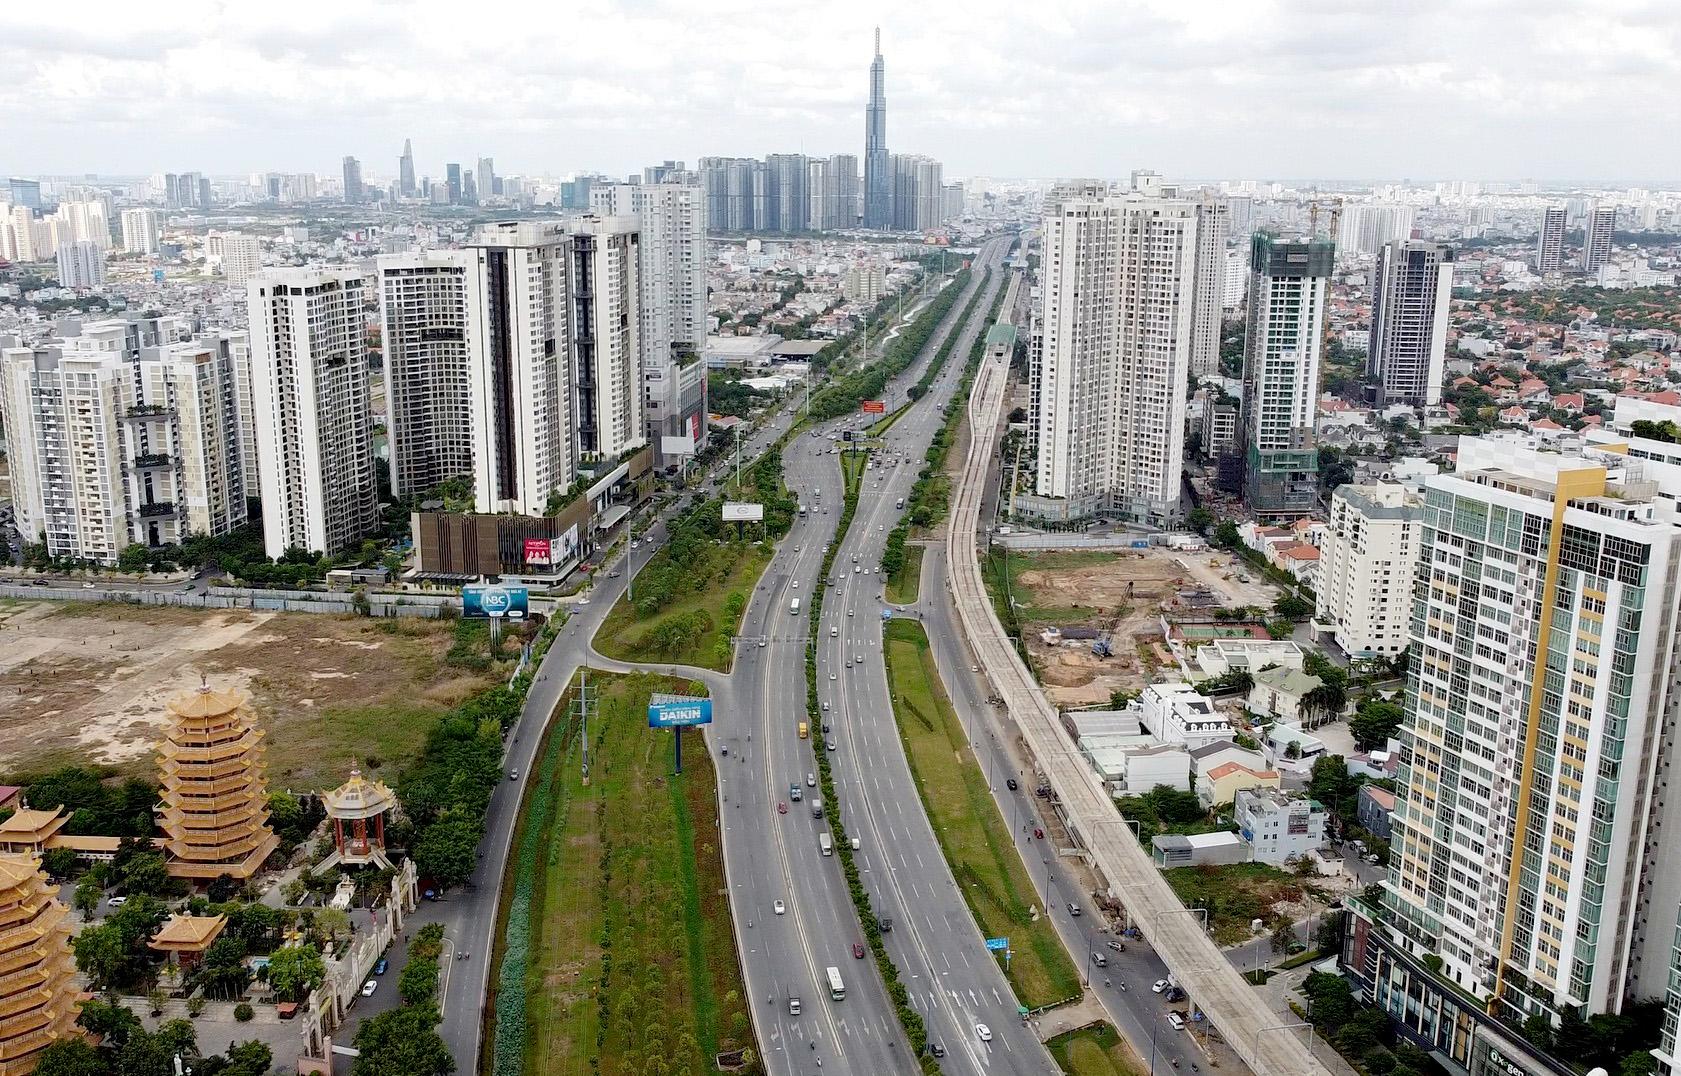 Bất động sản đã tác động đến quá trình đô thị hóa của TP HCM ra sao? - Ảnh 1.